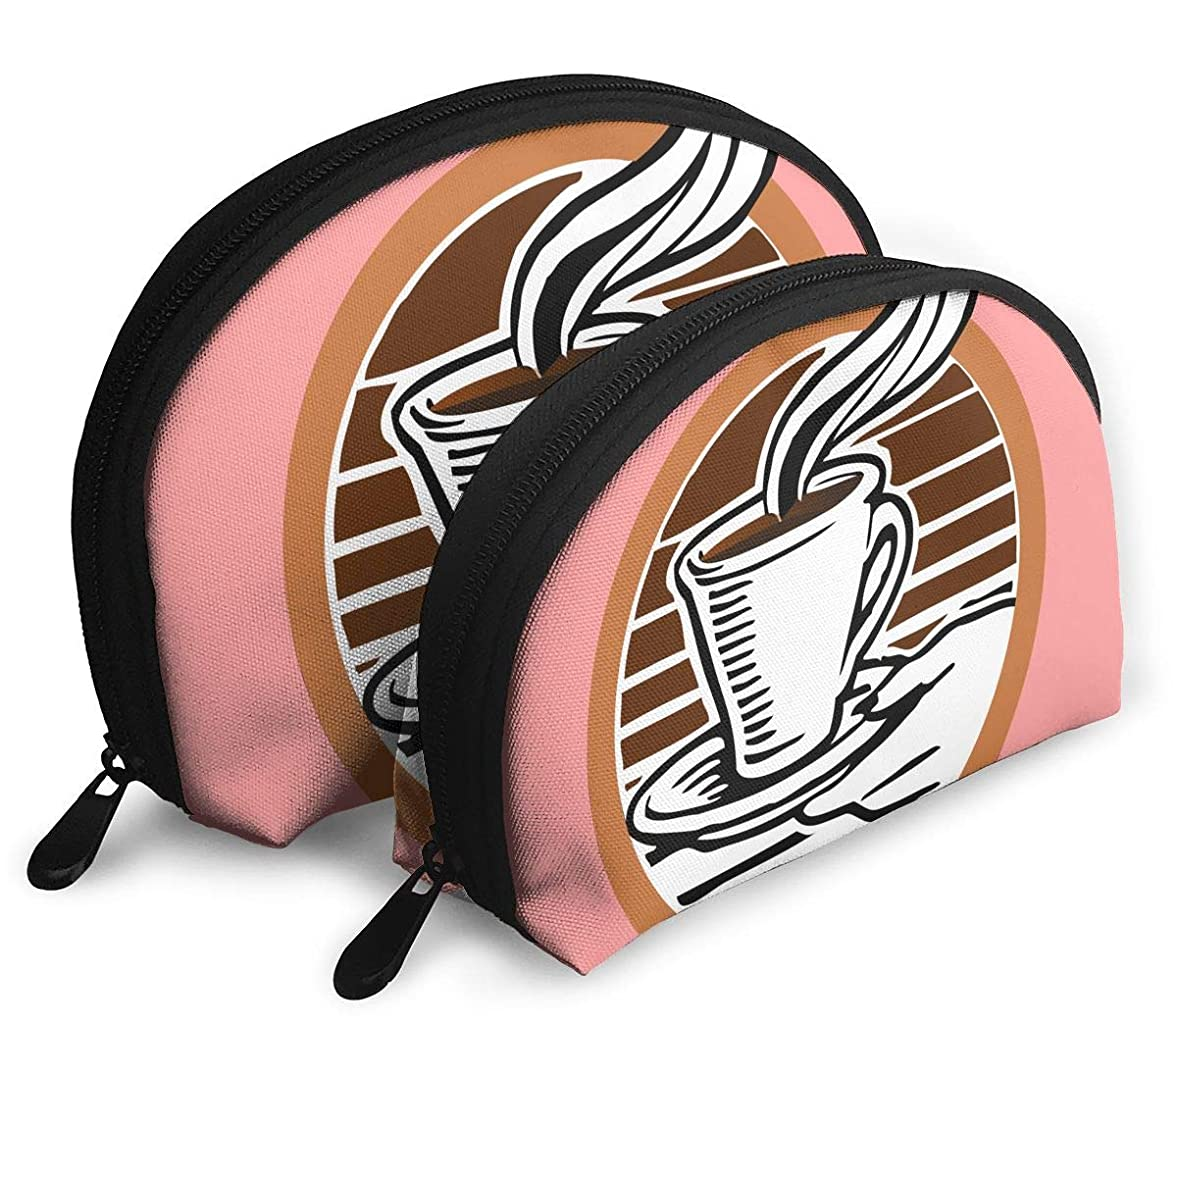 うるさいはぁにはまってDickey Bowen コーヒー シェルポーチ クラッチポーチ 収納ケース 化粧ポーチ トラベルポーチ メイクポーチ コスメポーチ コインバッグ バッグ ポータブルバッグ 財布 二つ ストレージ 小物入れ 収納 多機能 印刷 可愛い 女性